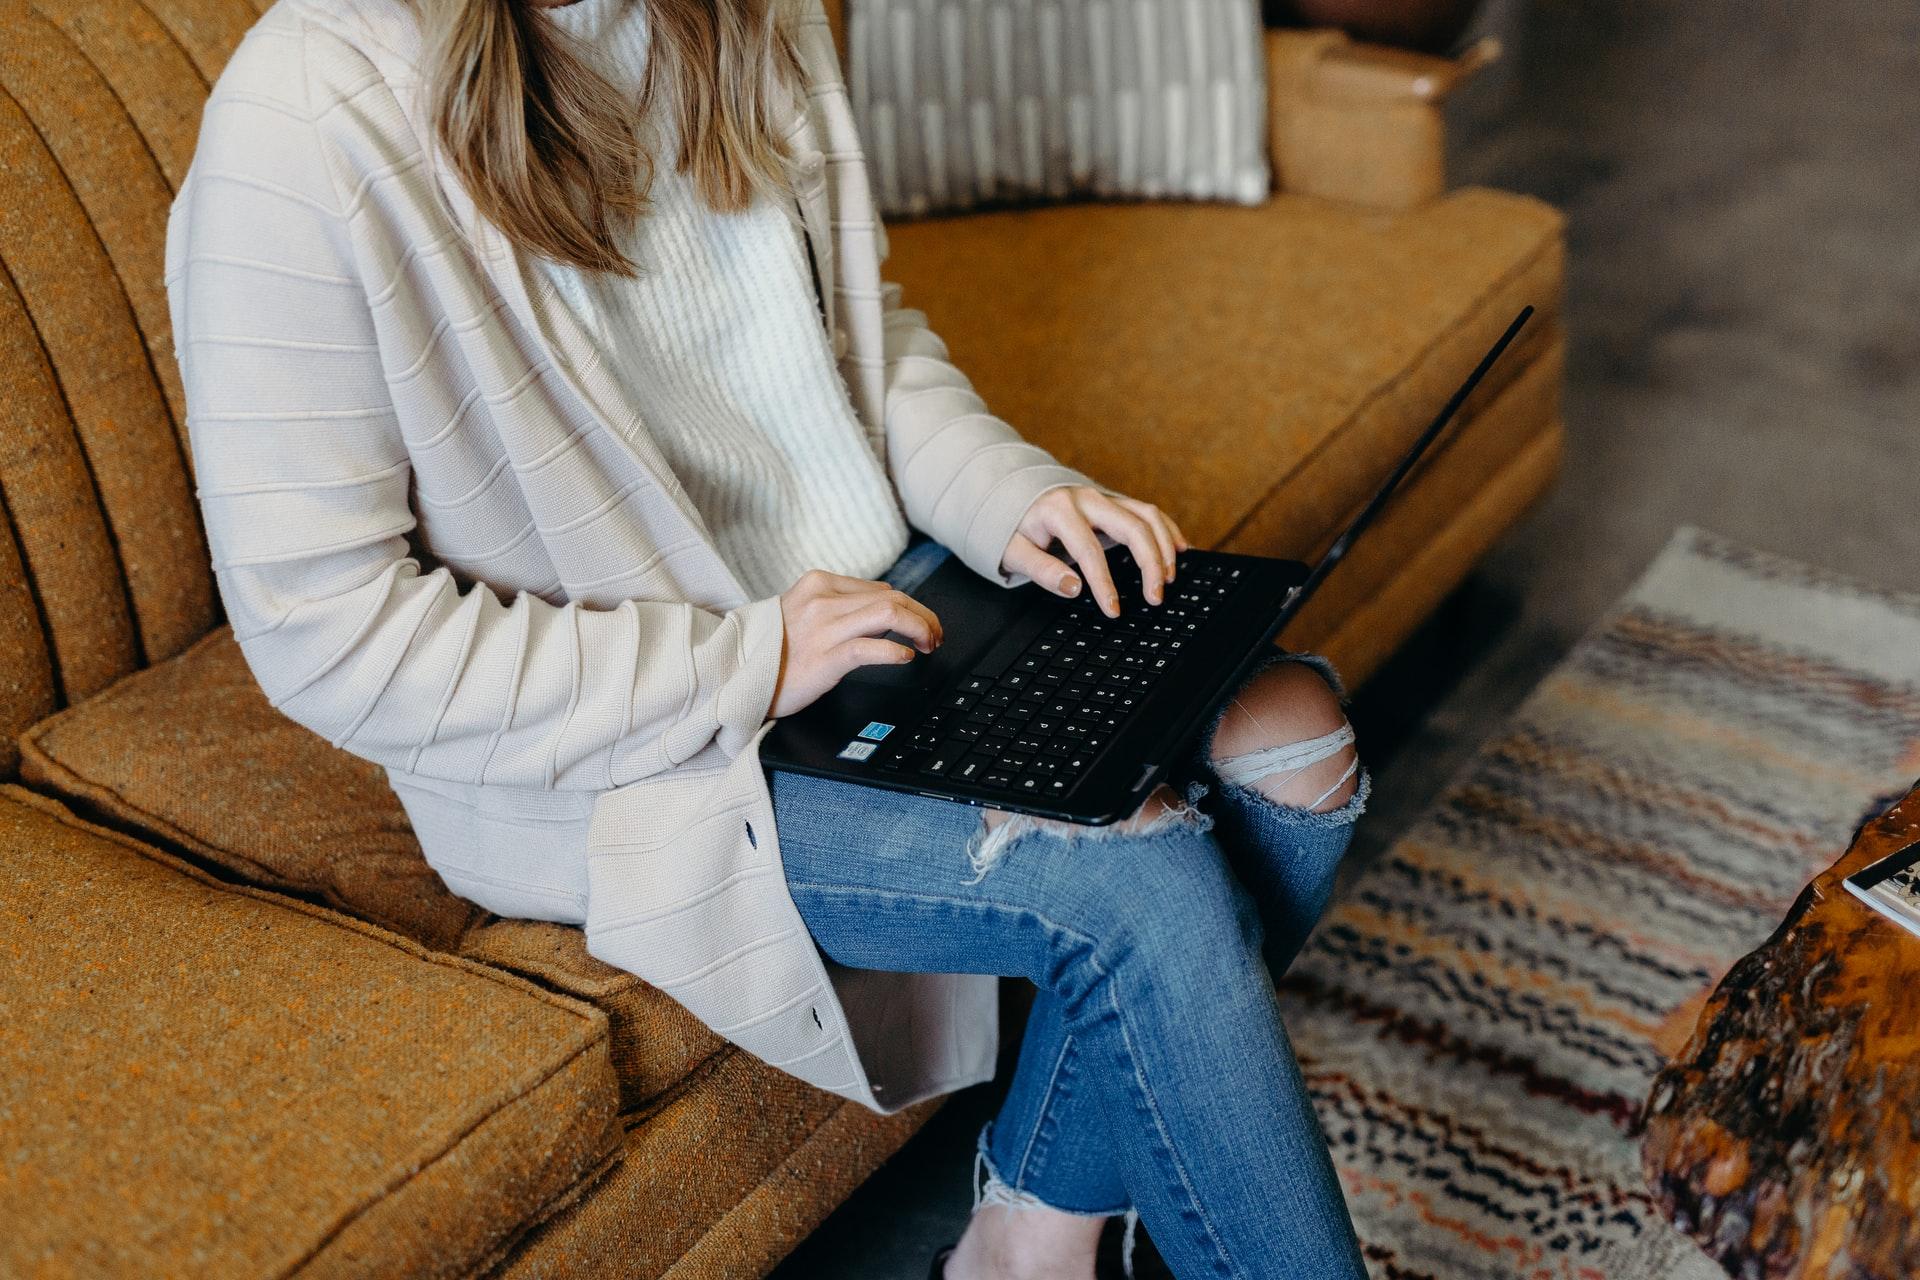 Frau mit Laptop auf Sofa. Symbolbild für die Teilnahme an einem Giving Circle. Foto: Brooke Cagle auf unsplash.com